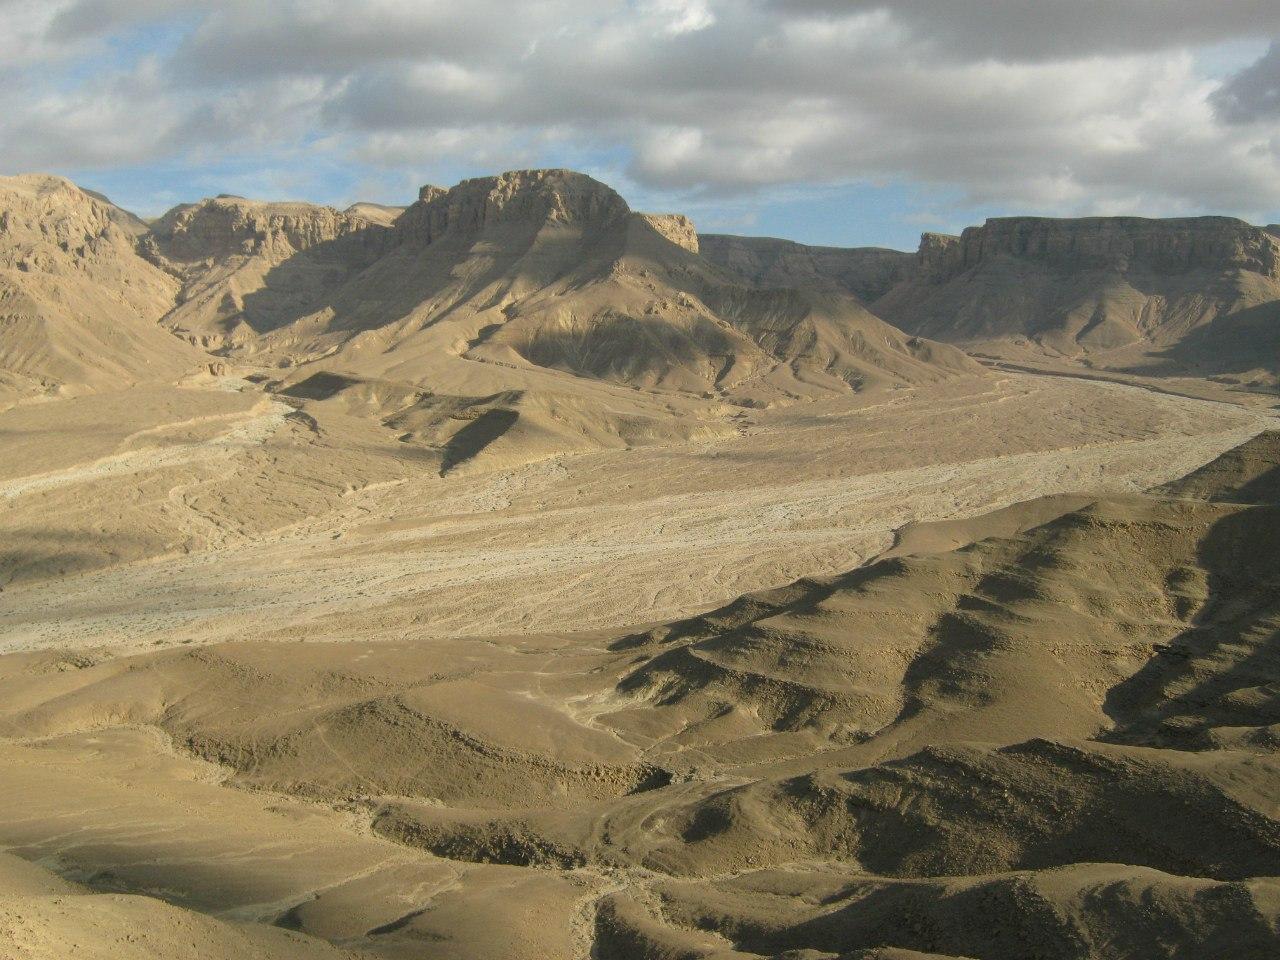 Пейзажи вокруг монастыря Святого Антония в Египте